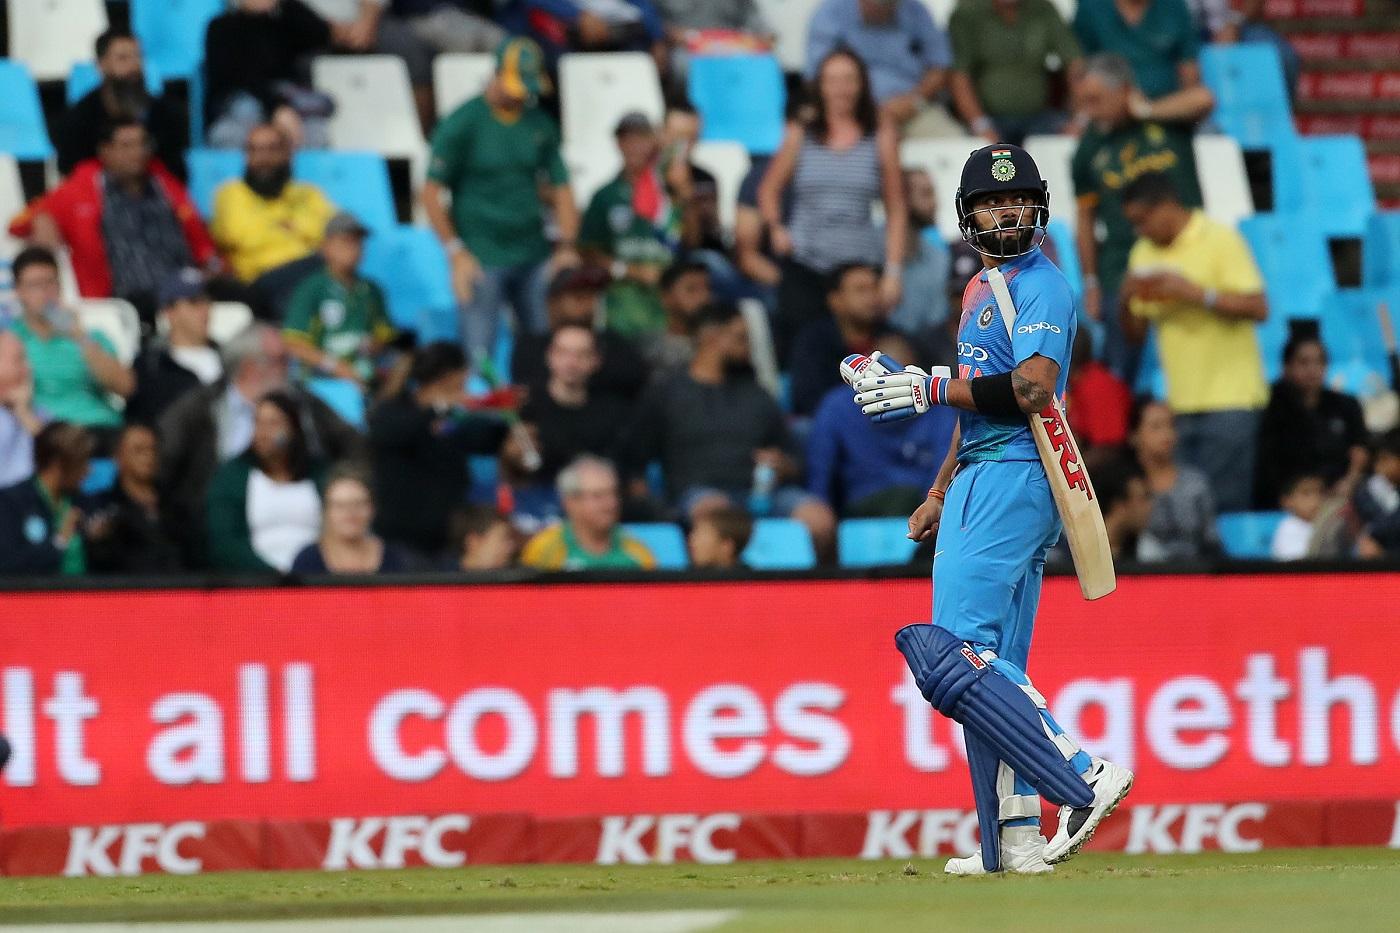 IPL 2018: Virat Kohli reveals why his break from cricket was weird 1